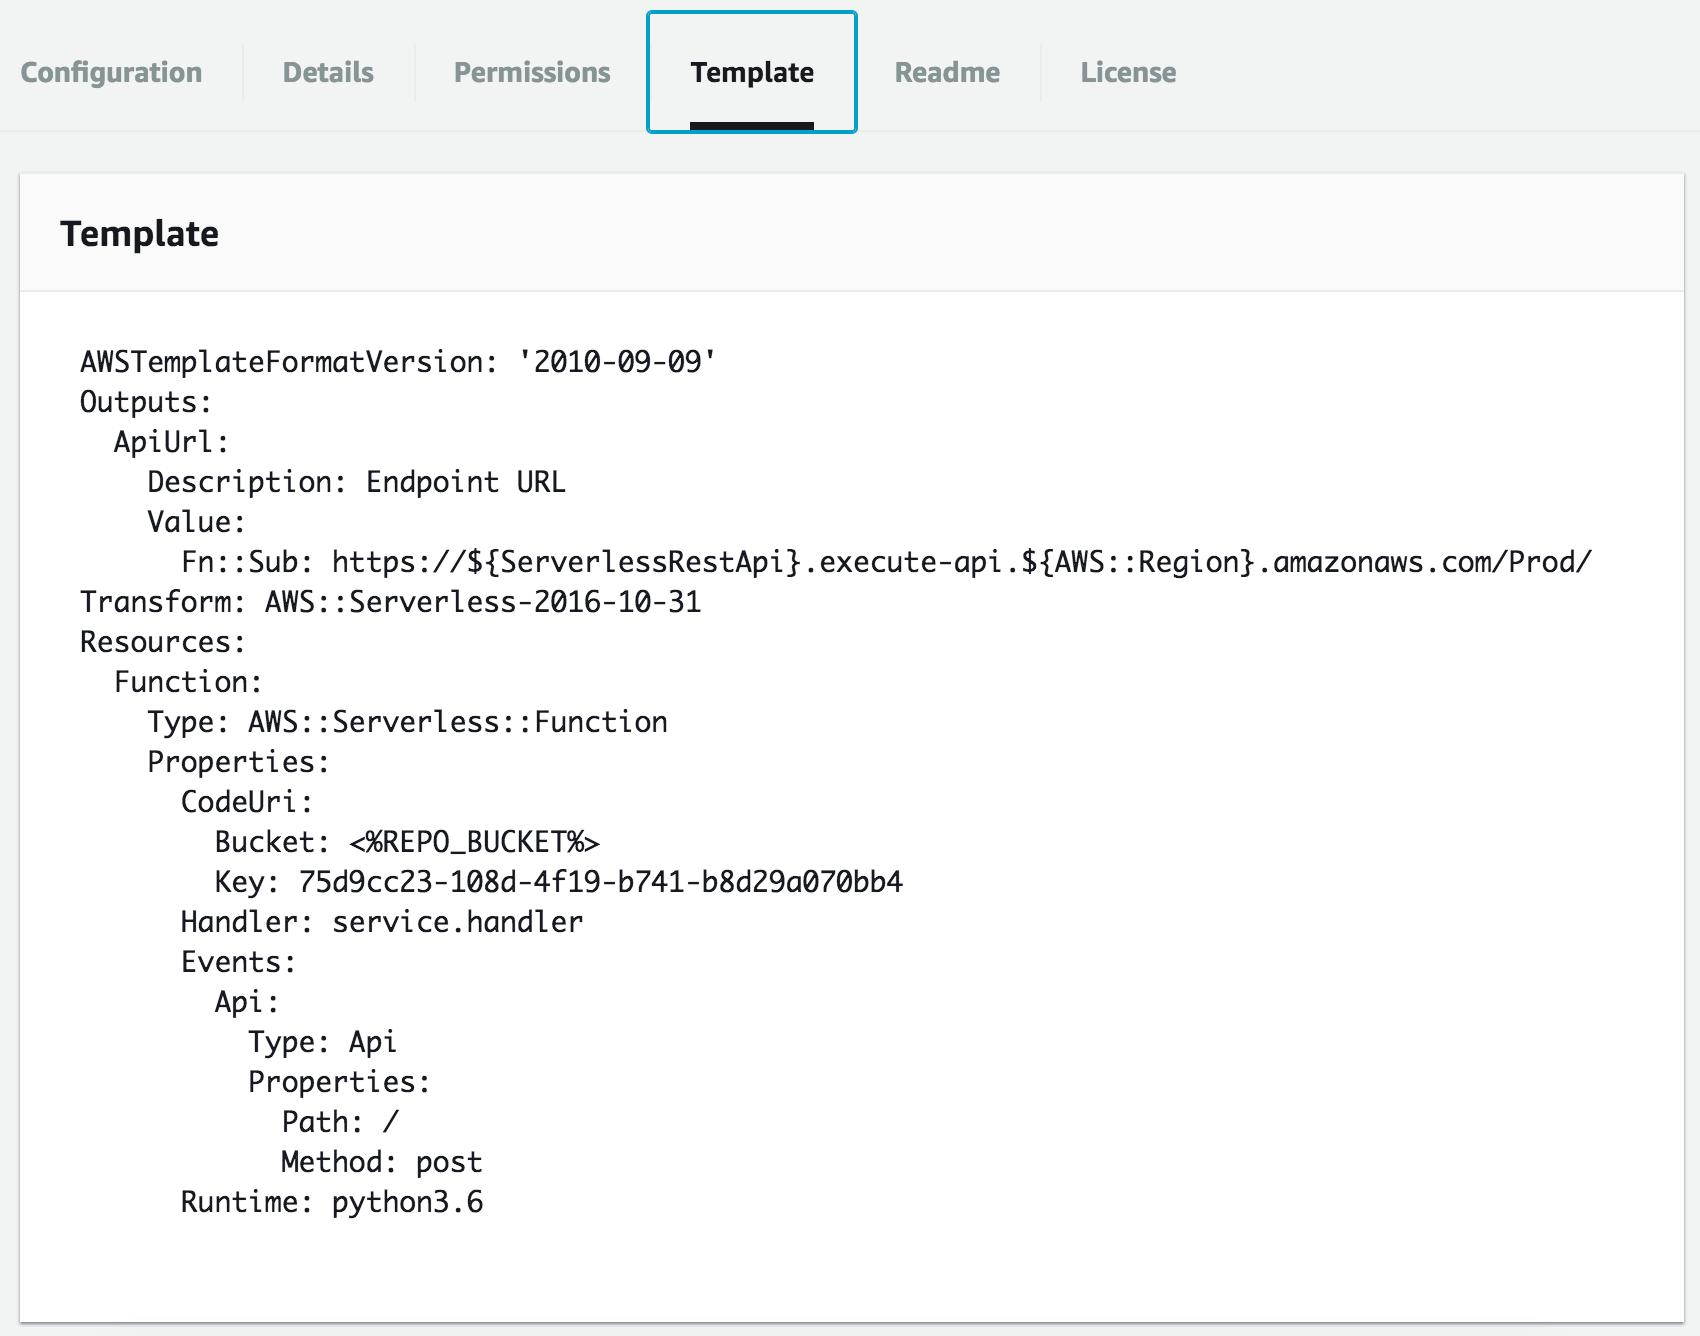 Template - 実際にデプロイされる AWS SAM テンプレートも表示してくれます. こんなサクッと見えちゃうと雑な名前を書きにくいですね.